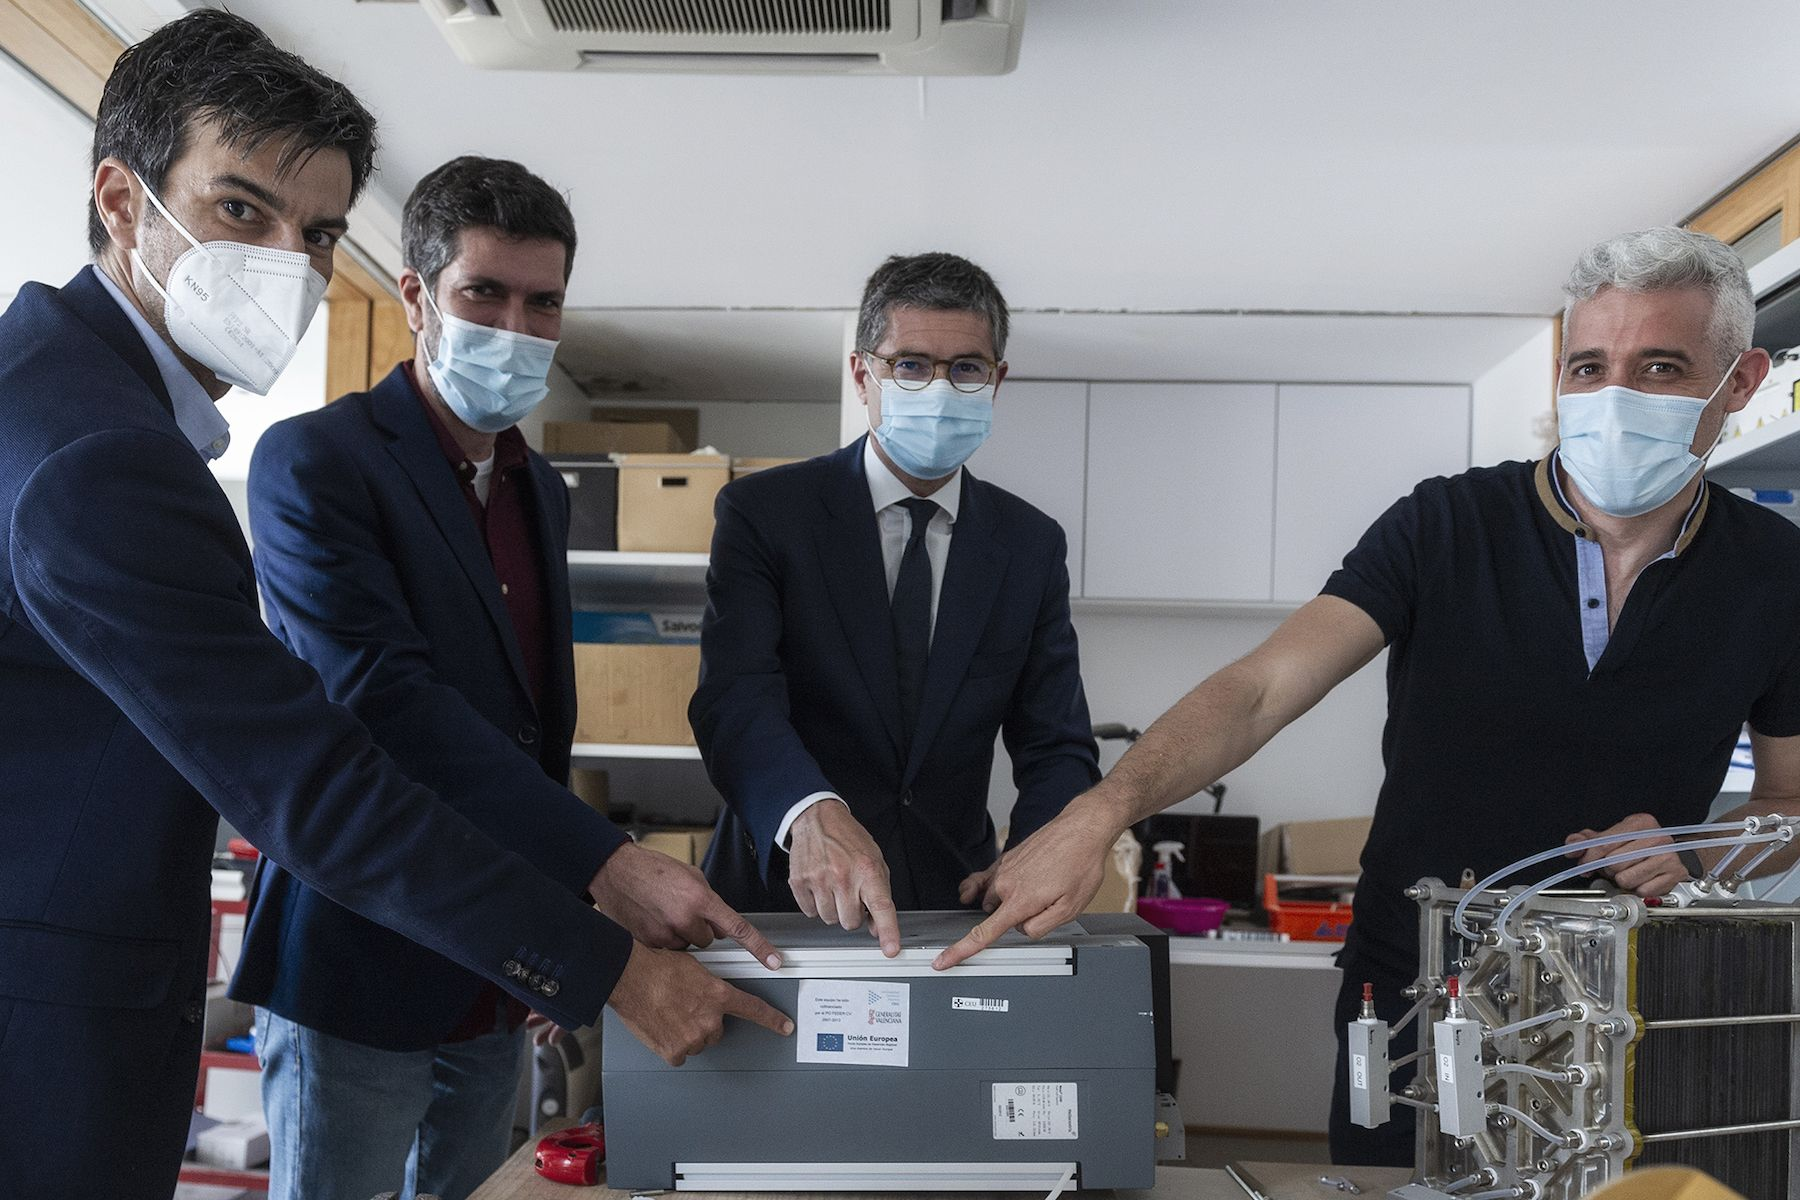 Alejandro Almerich, Javier Torrent y Vicente Albert, de Global Clean Energy (GCE), junto al investigador Jordi Renau, en el banco de pruebas de tecnologías de hidrógeno de la CEU UCH.